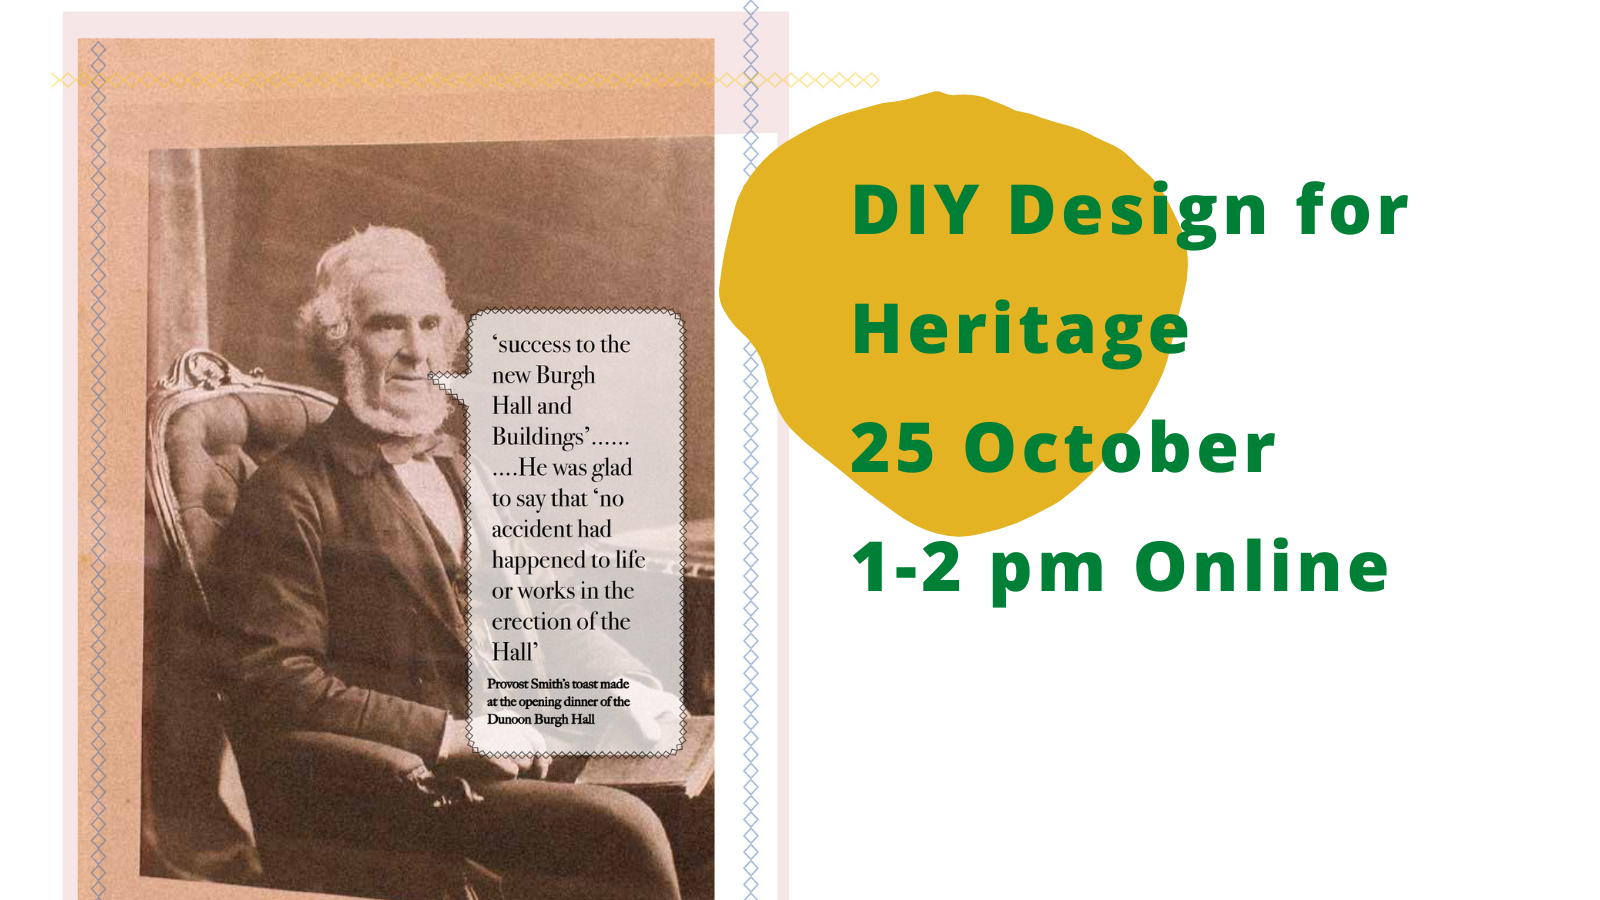 DIY Design for Heritage